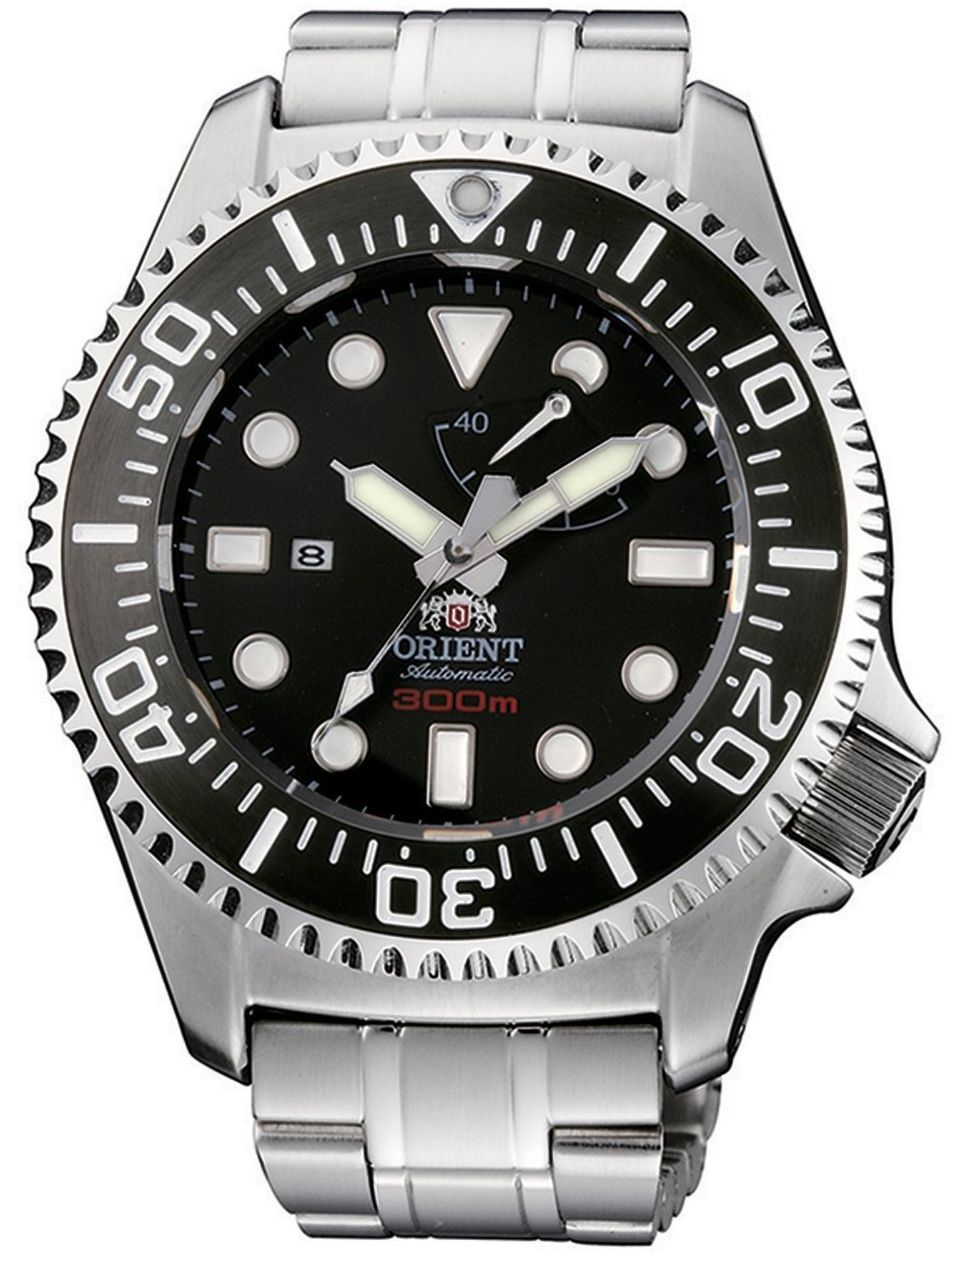 Вы подыскиваете для себя или на подарок качественные наручные часы?